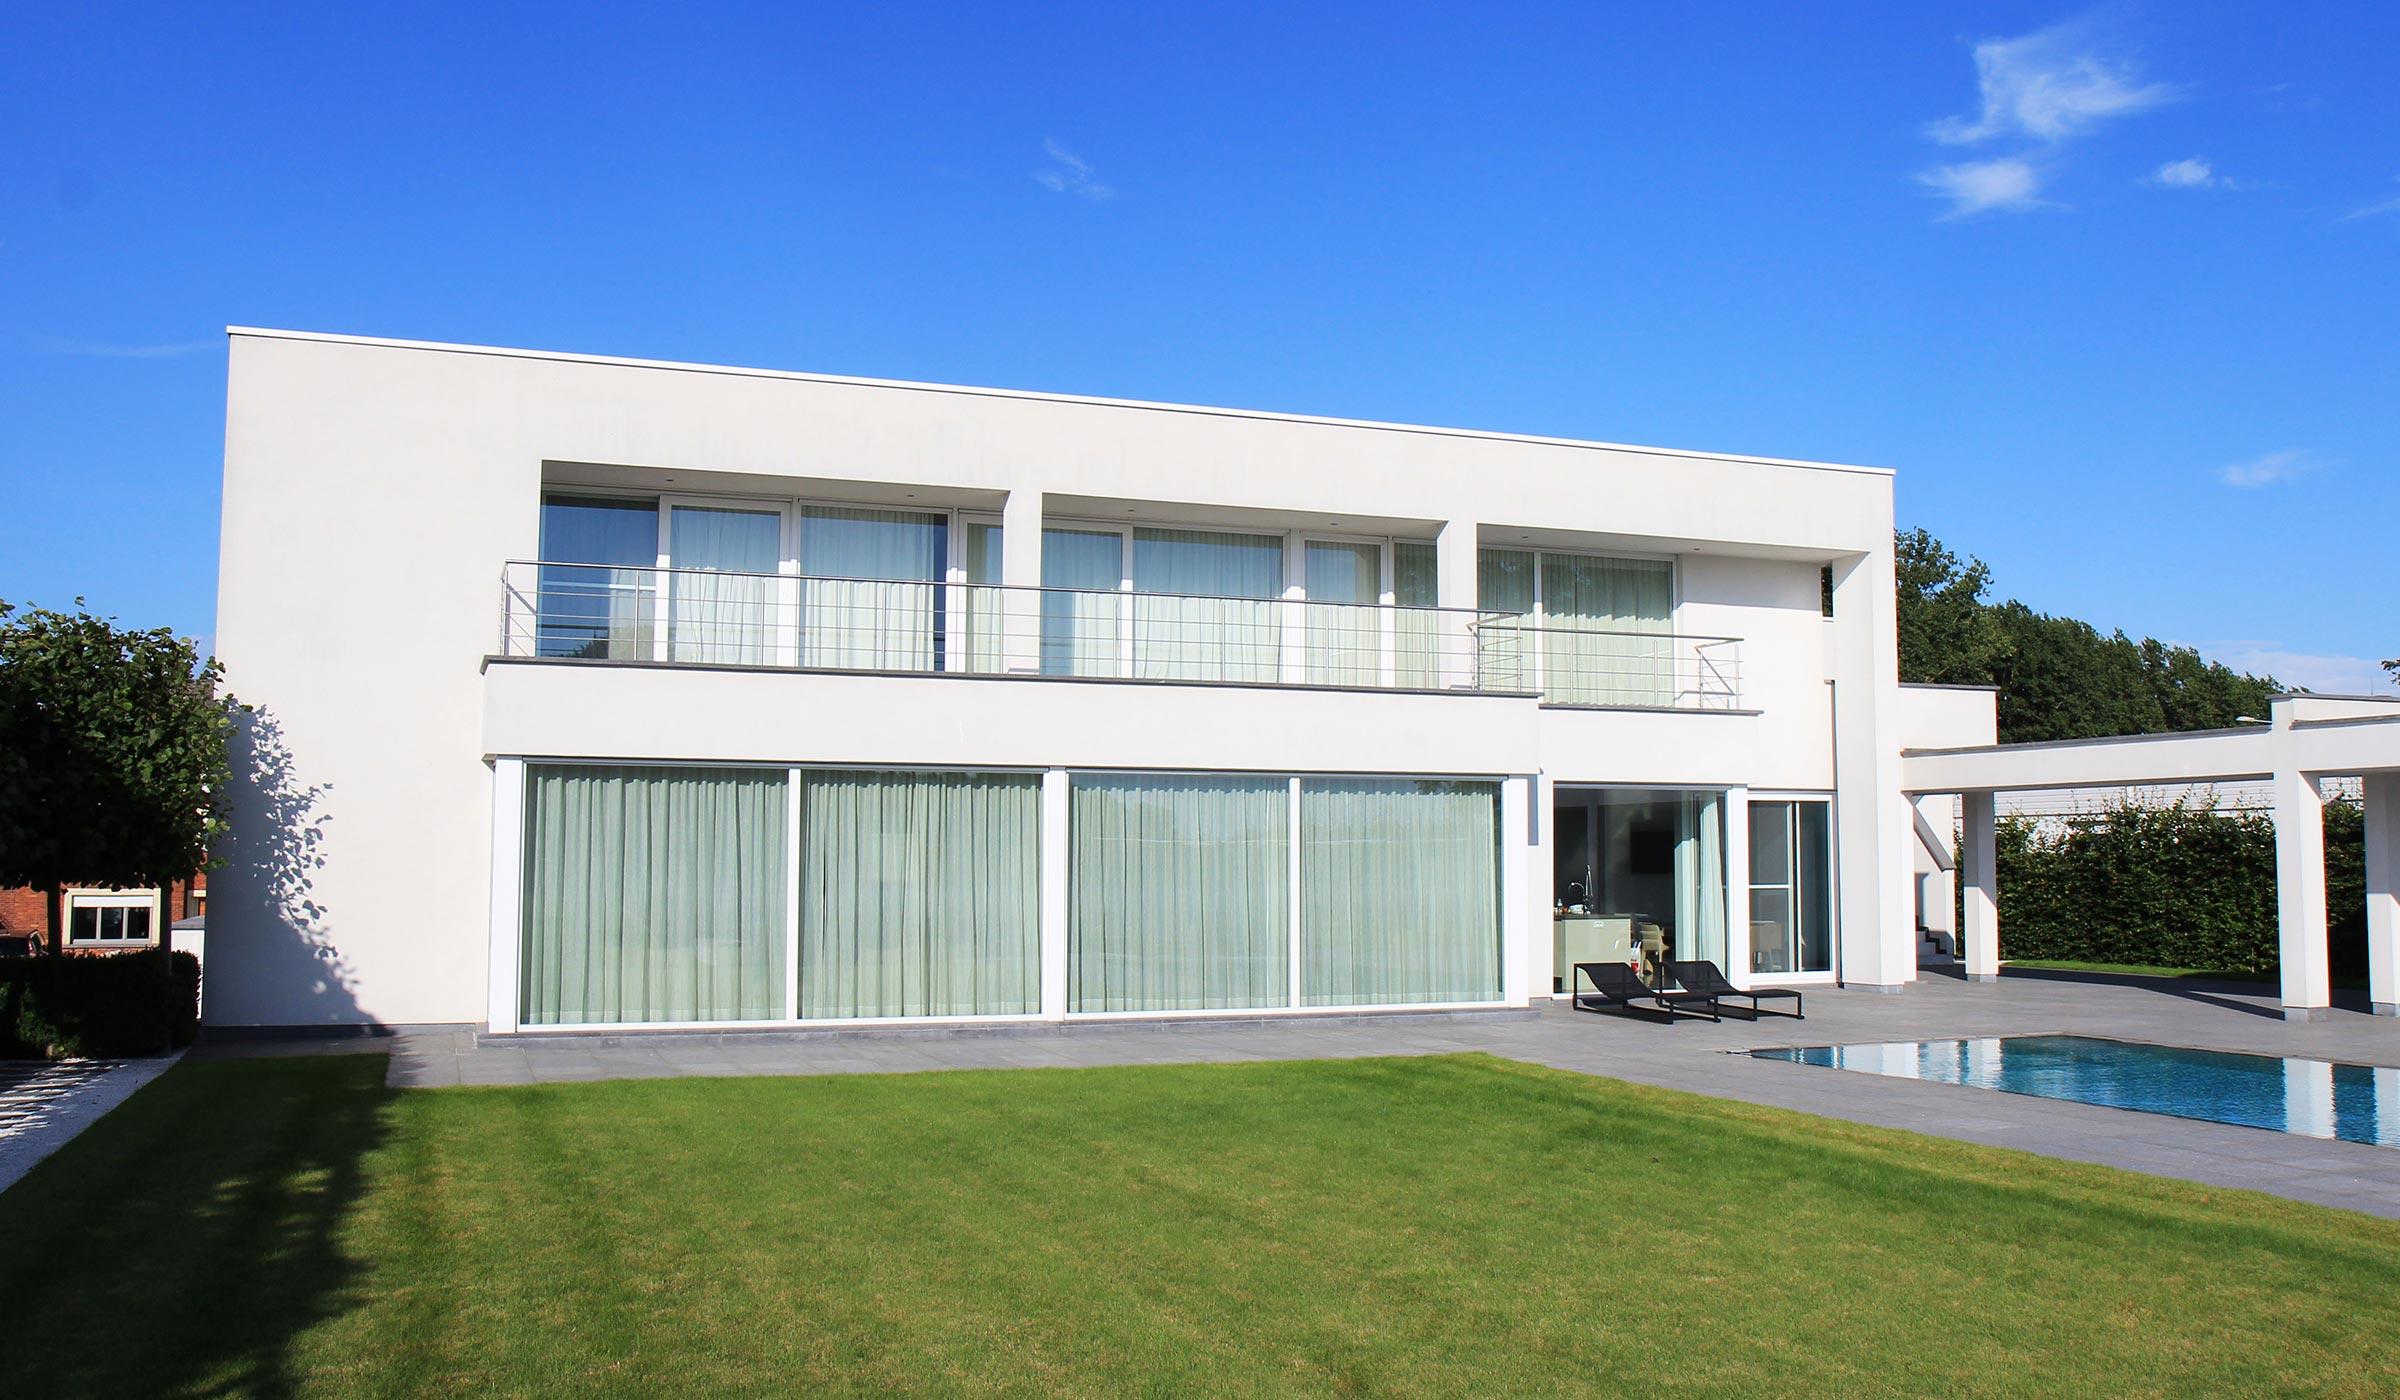 Bouwonderneming Eeckhout - De Langhe | Nieuwbouw projecten en renovaties